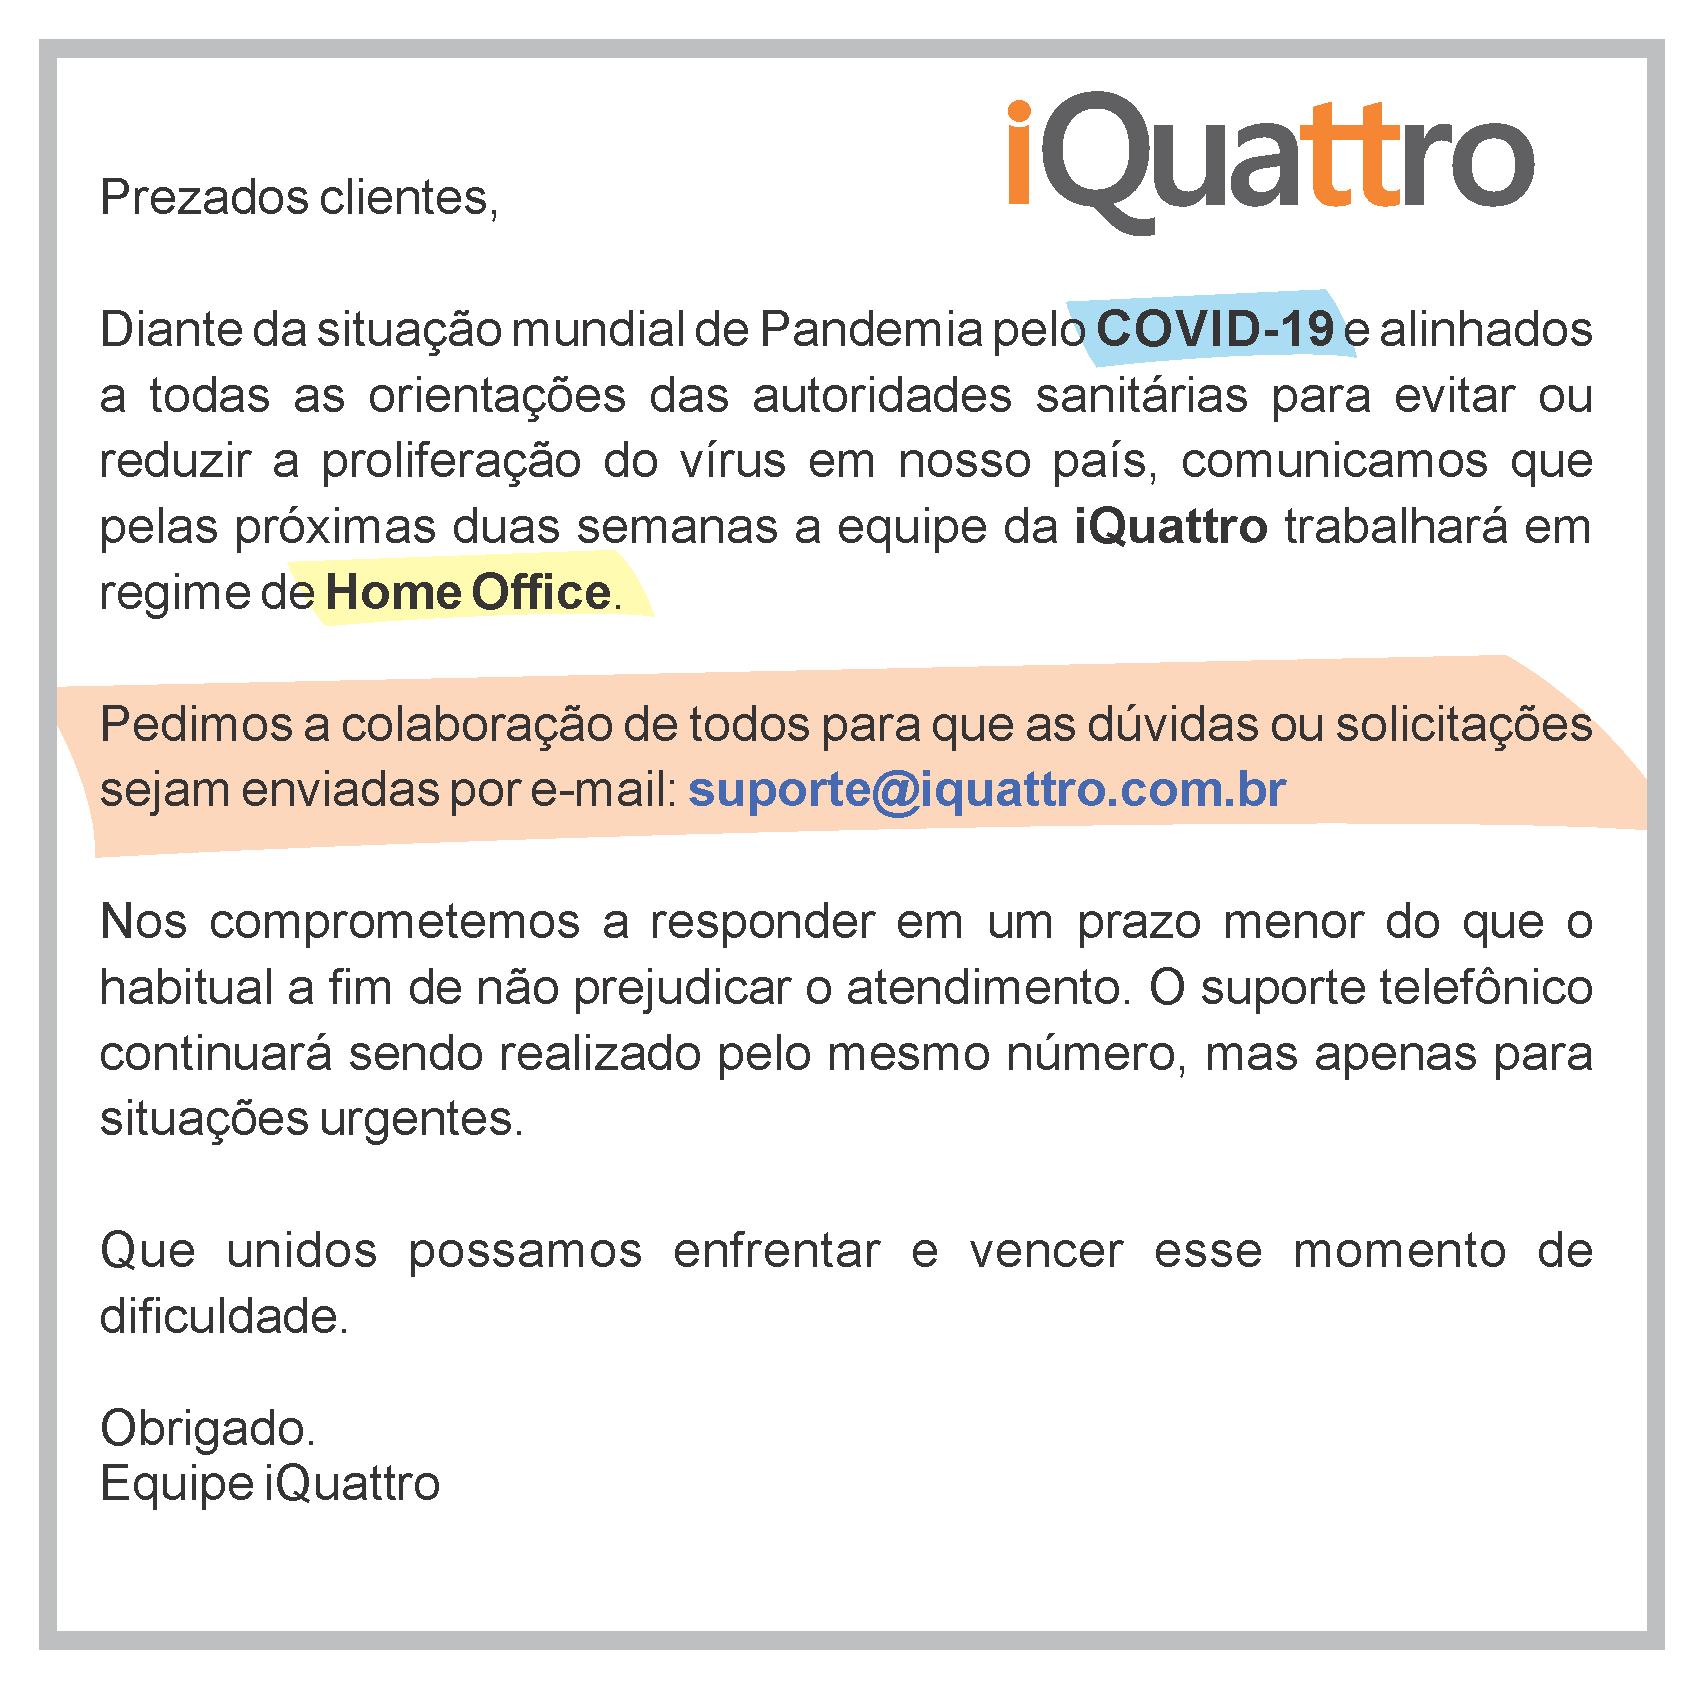 iQuattro